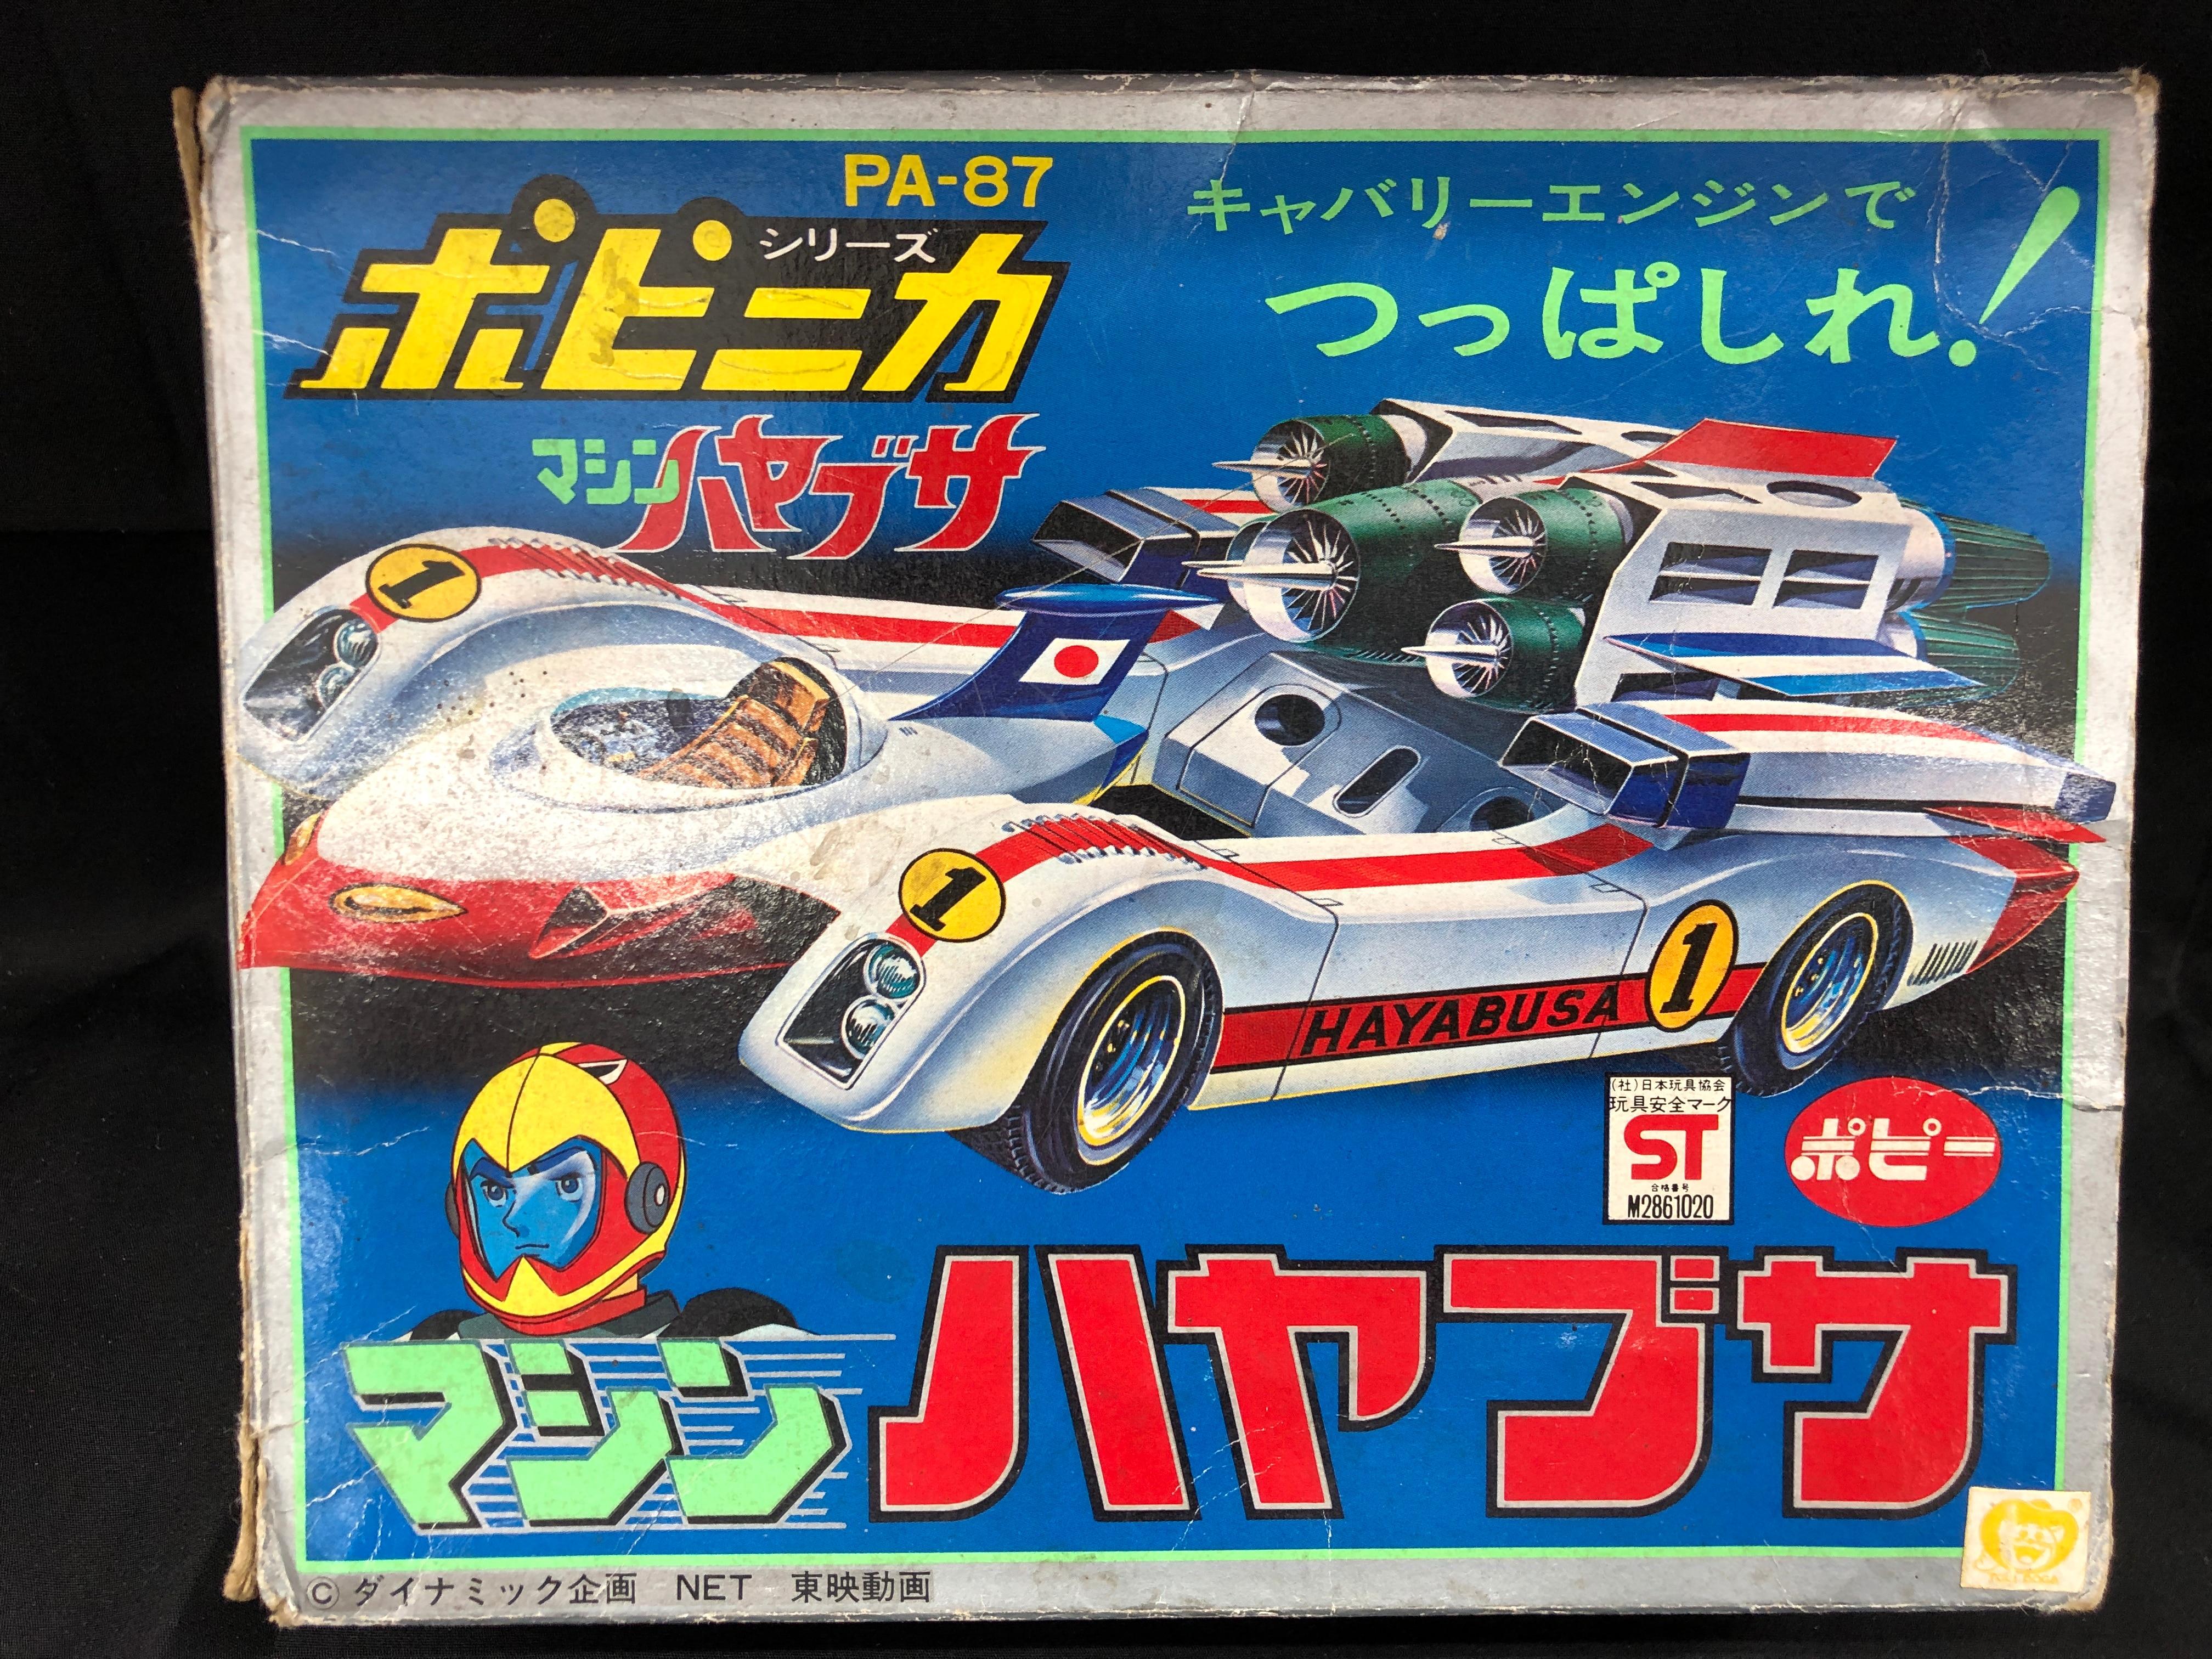 ポピー ポピニカ/マシンハヤブサ マシンハヤブサ PA-87   まんだらけ ...